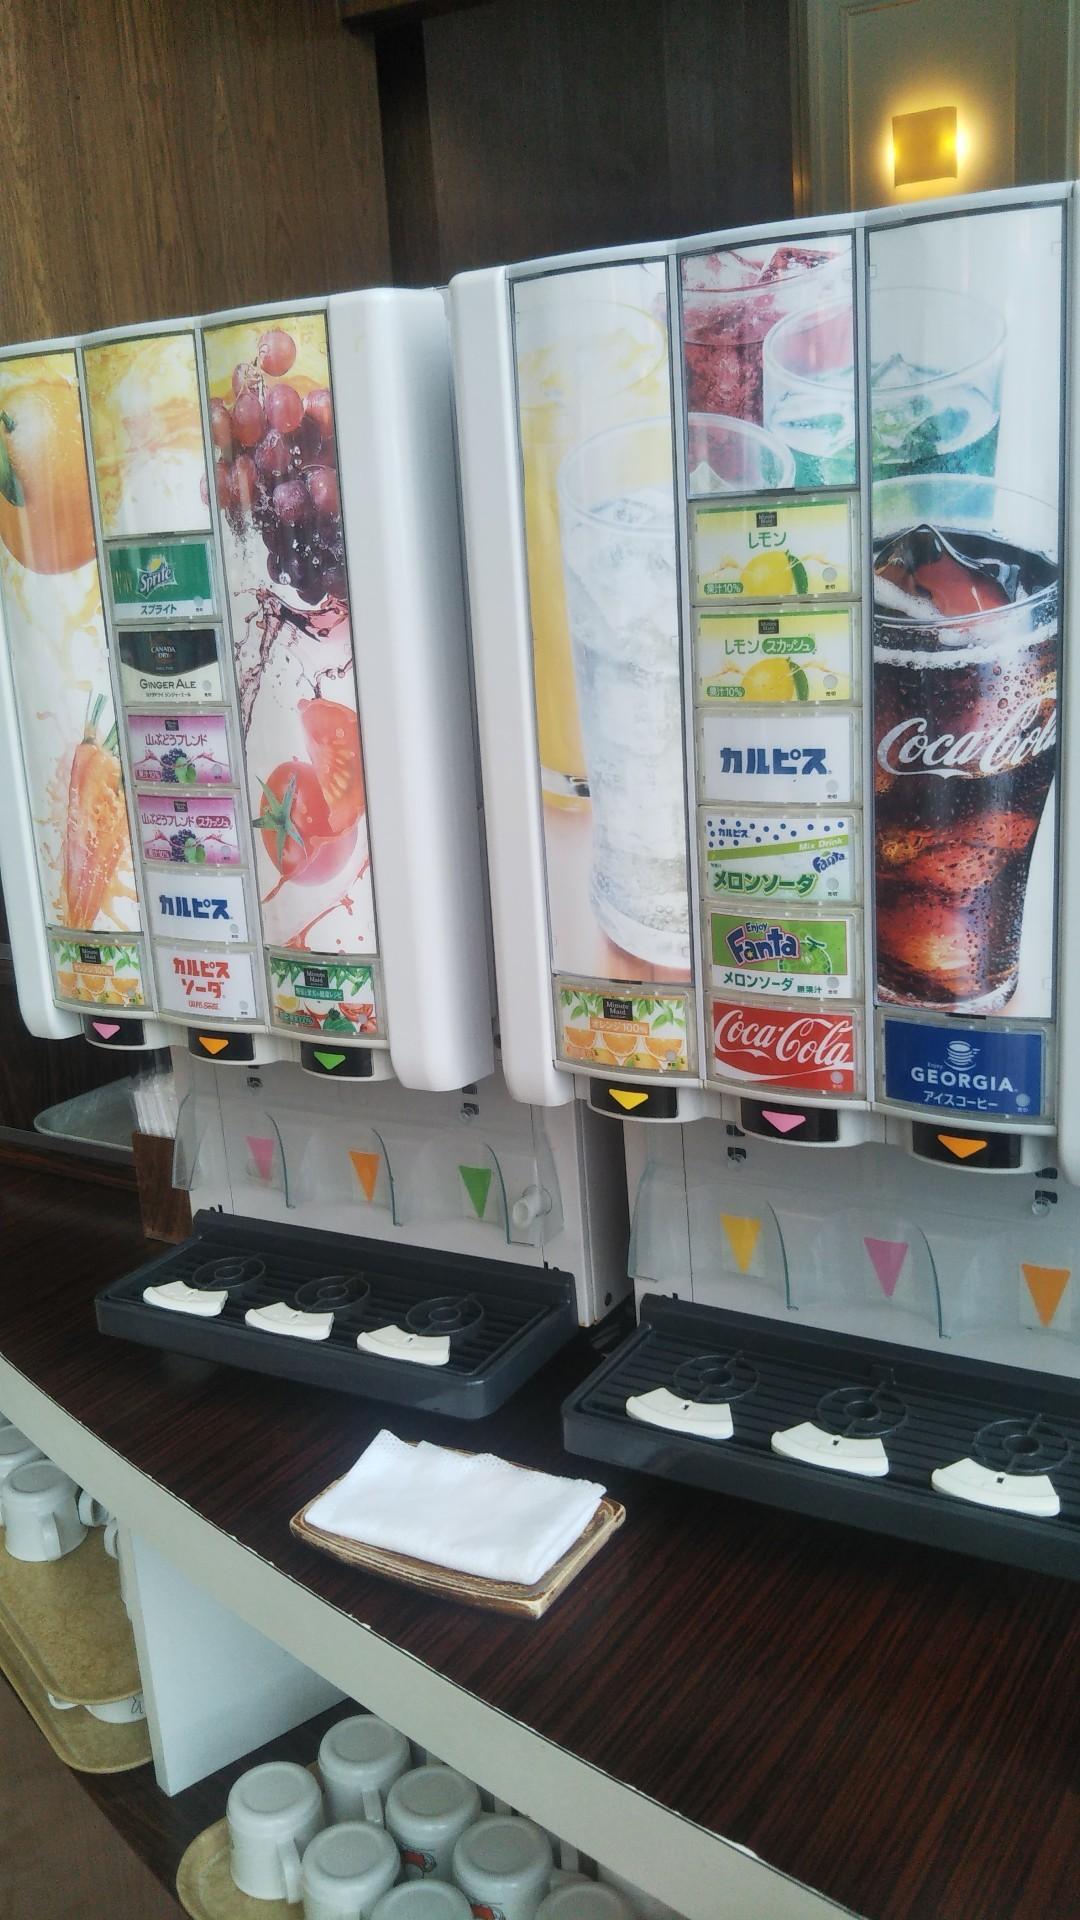 シャトレーゼ ガトーキングダムサッポロ ヴィーニュ Dessert Buffet~夏のべジスイーツフェア~_f0076001_23444668.jpg